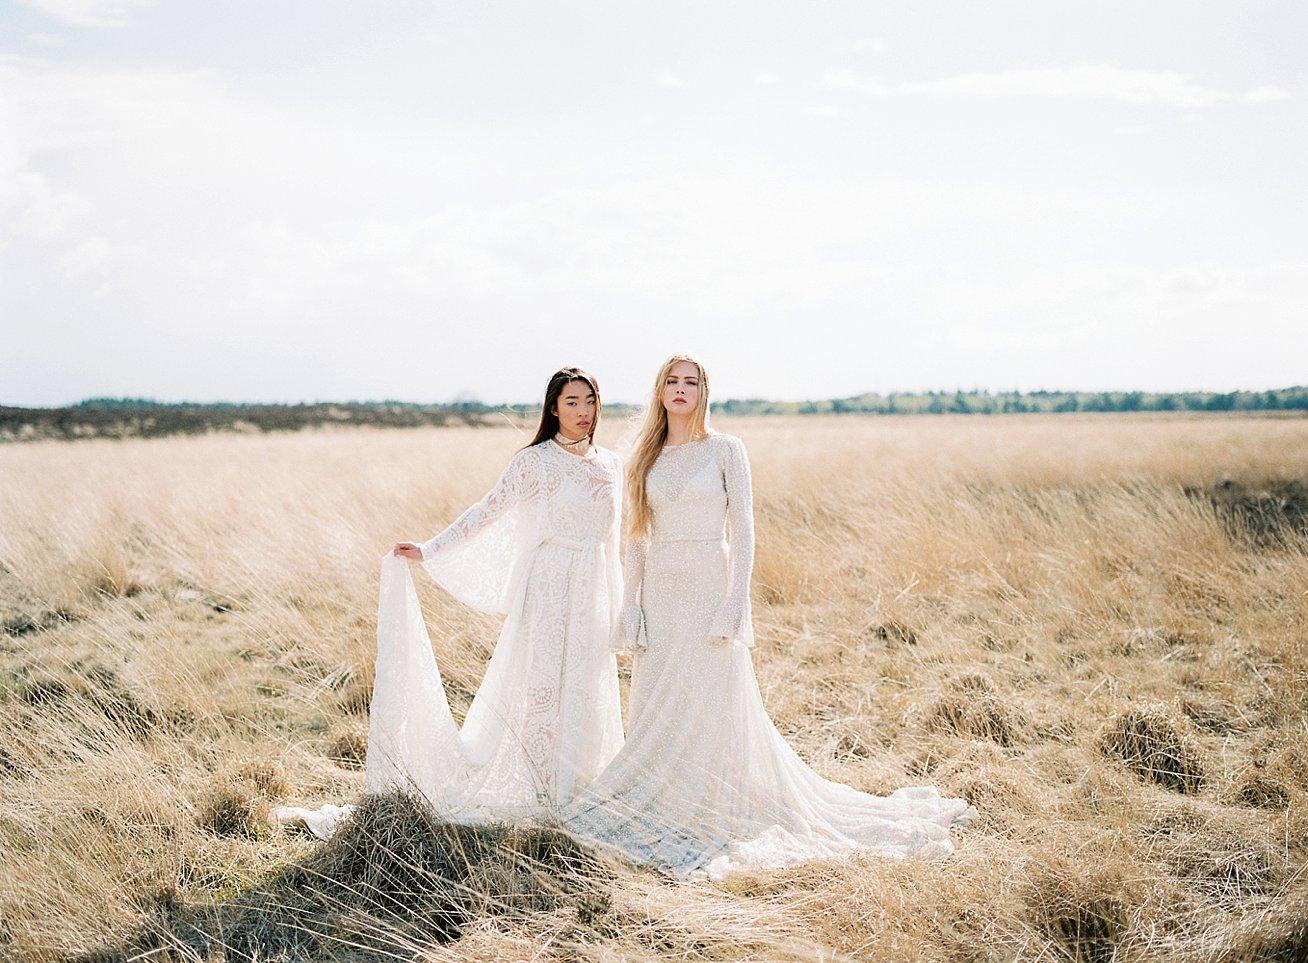 Amanda-Drost-modefotograaf-fashion-photography-editorial-odylyne-weddingdress_0005.jpg